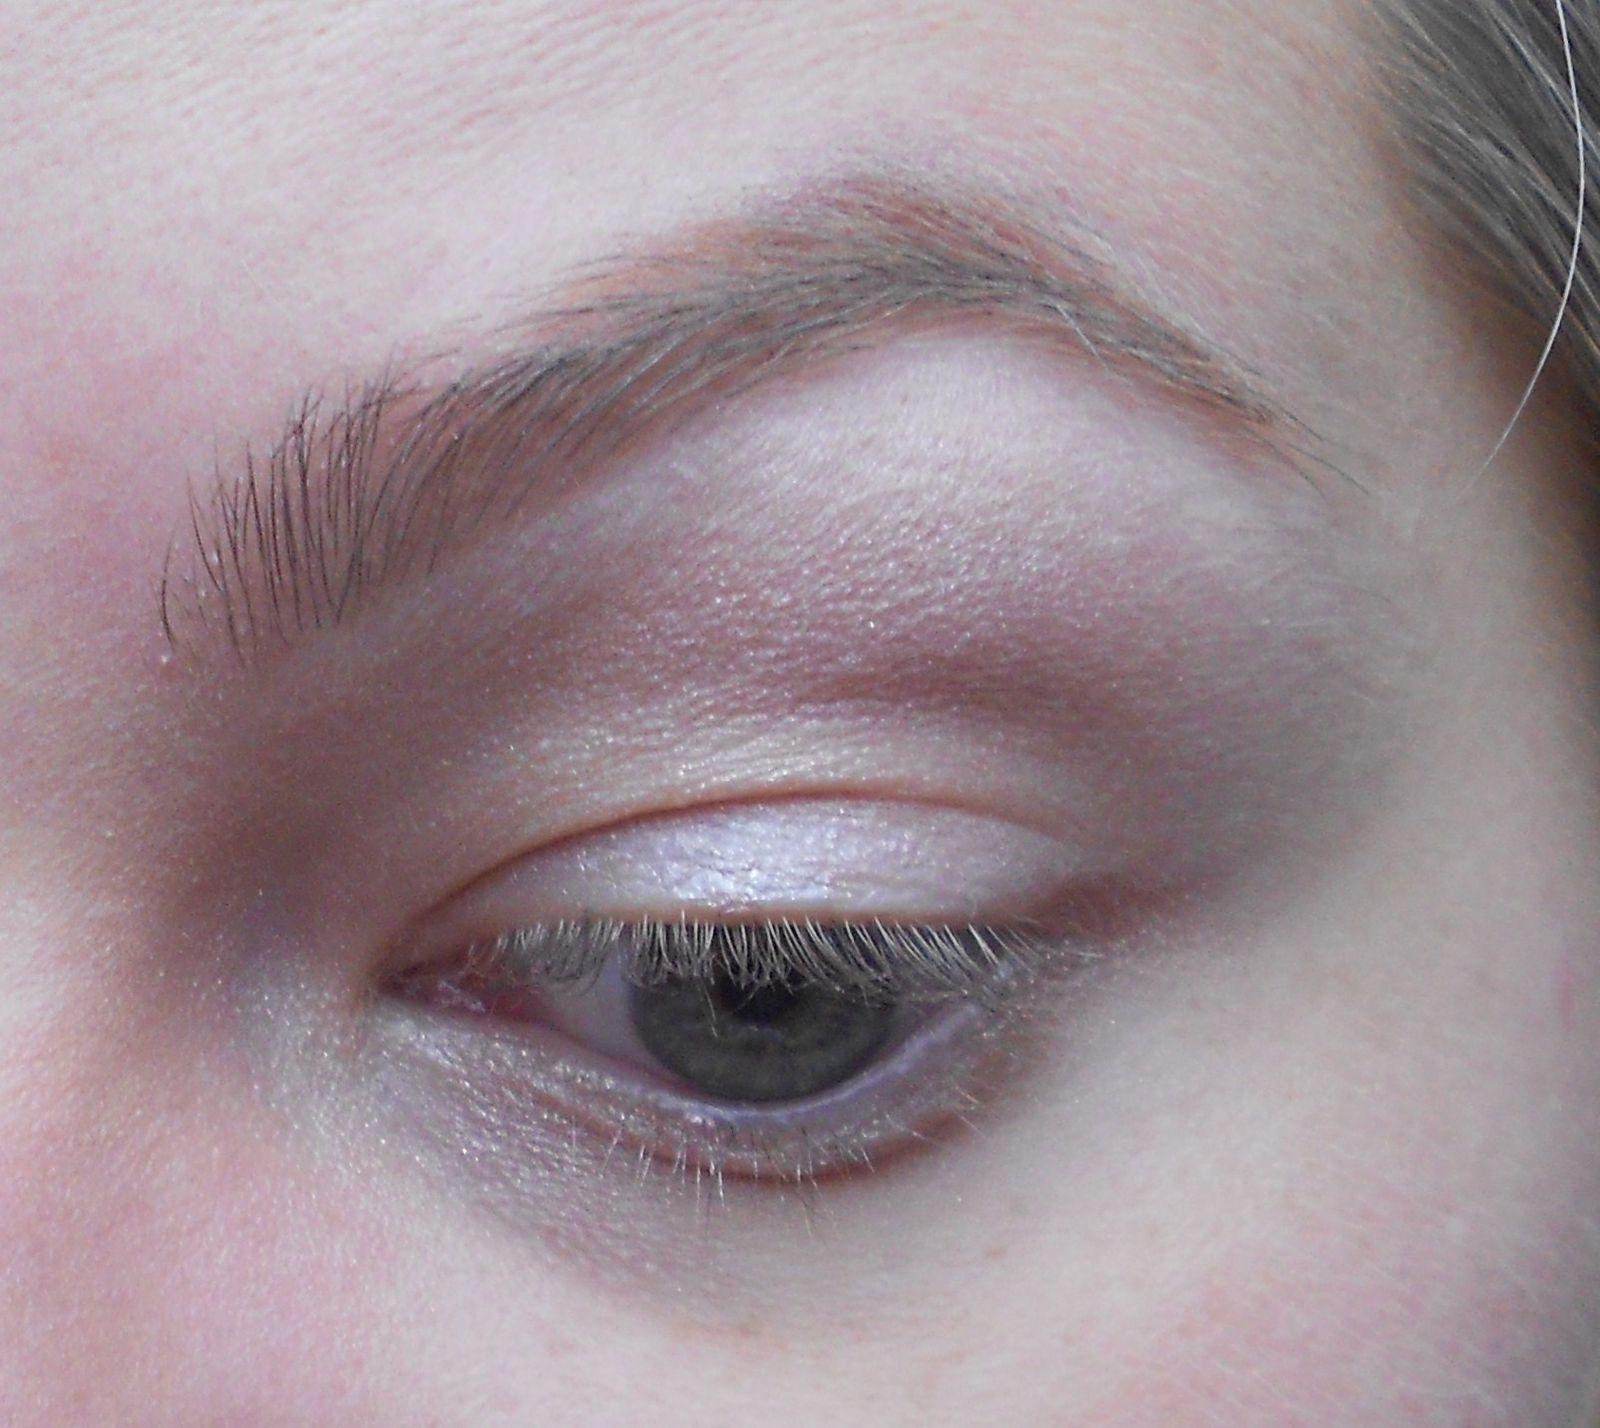 Avec un gros pinceau on prend un beige irrisé qu'on applique sous le sourcil.